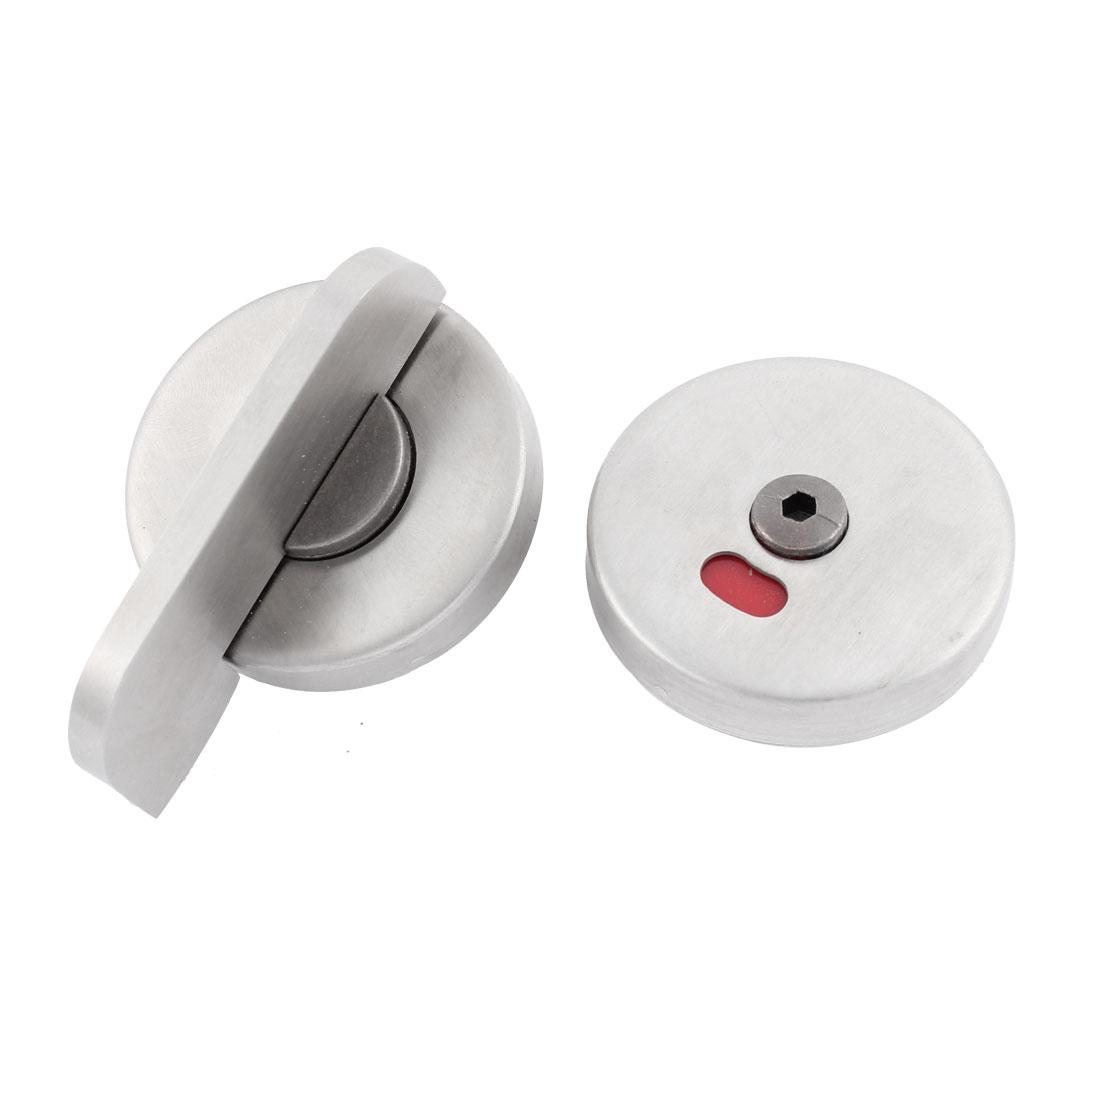 Restroom Fitting Security Toilet Door Lock Indicator Bolt Lockset